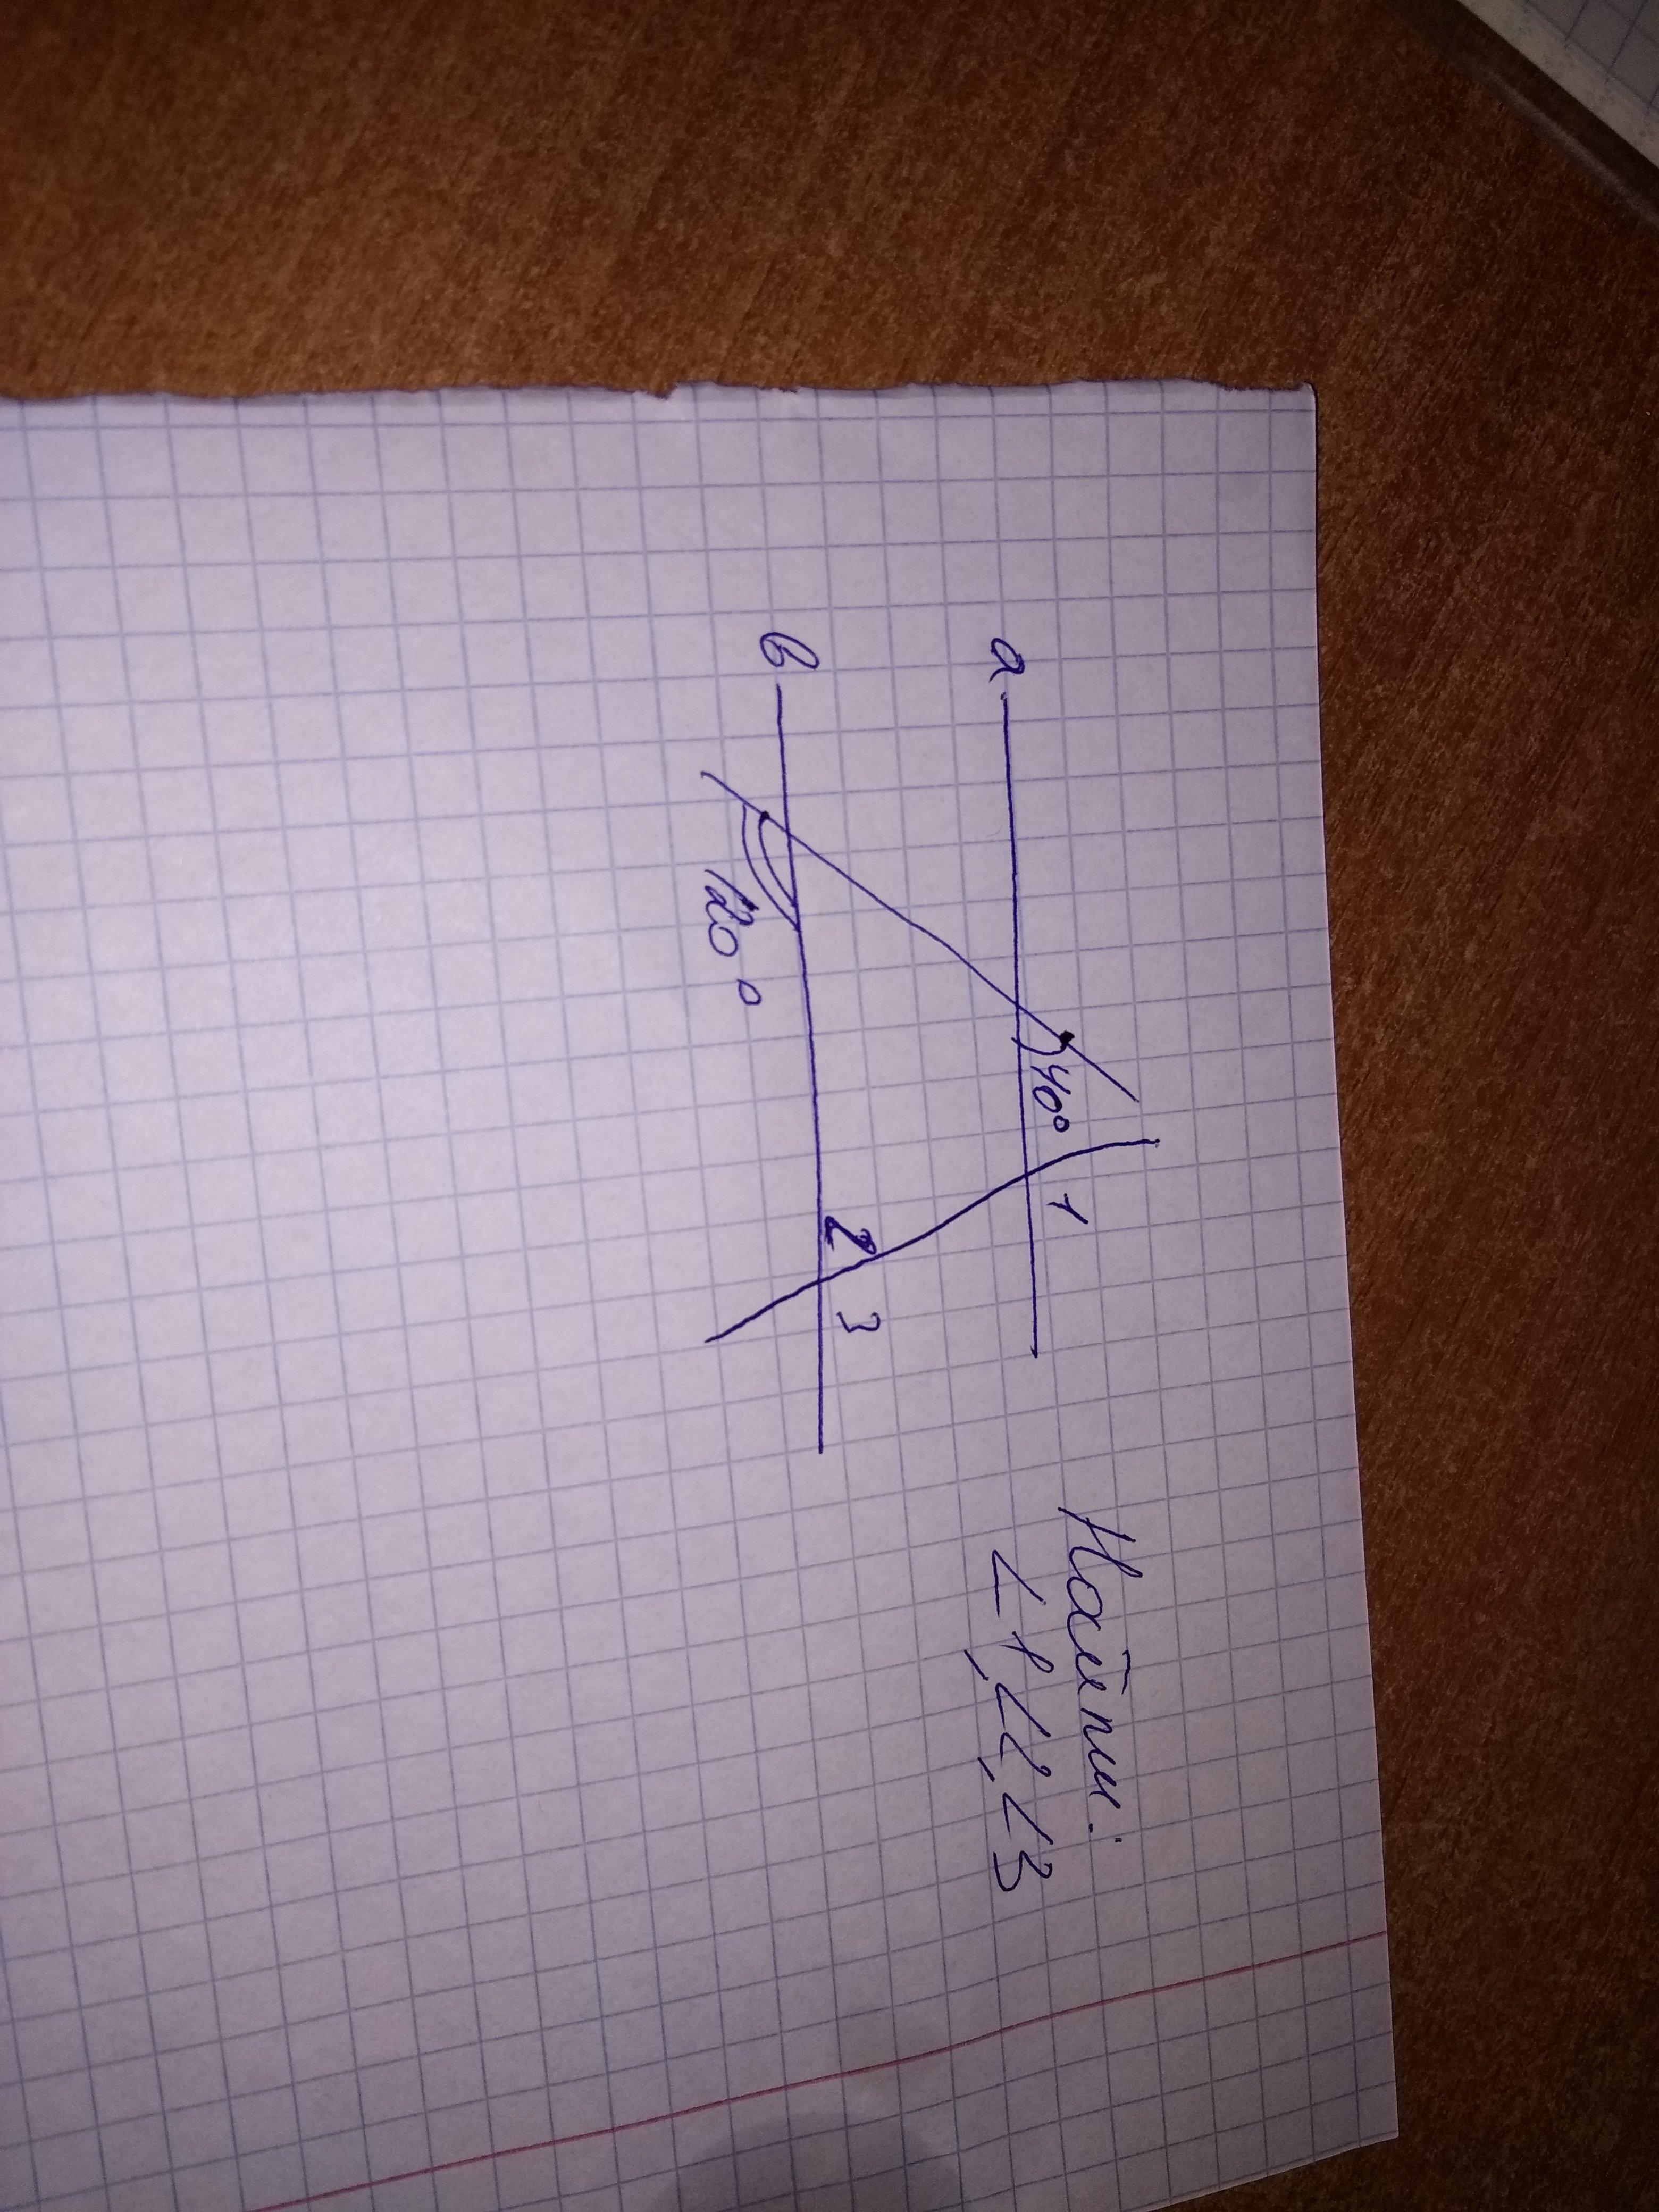 Геометрия решение задач с подробным объяснением строительная механика примеры решения задач трехшарнирные рамы